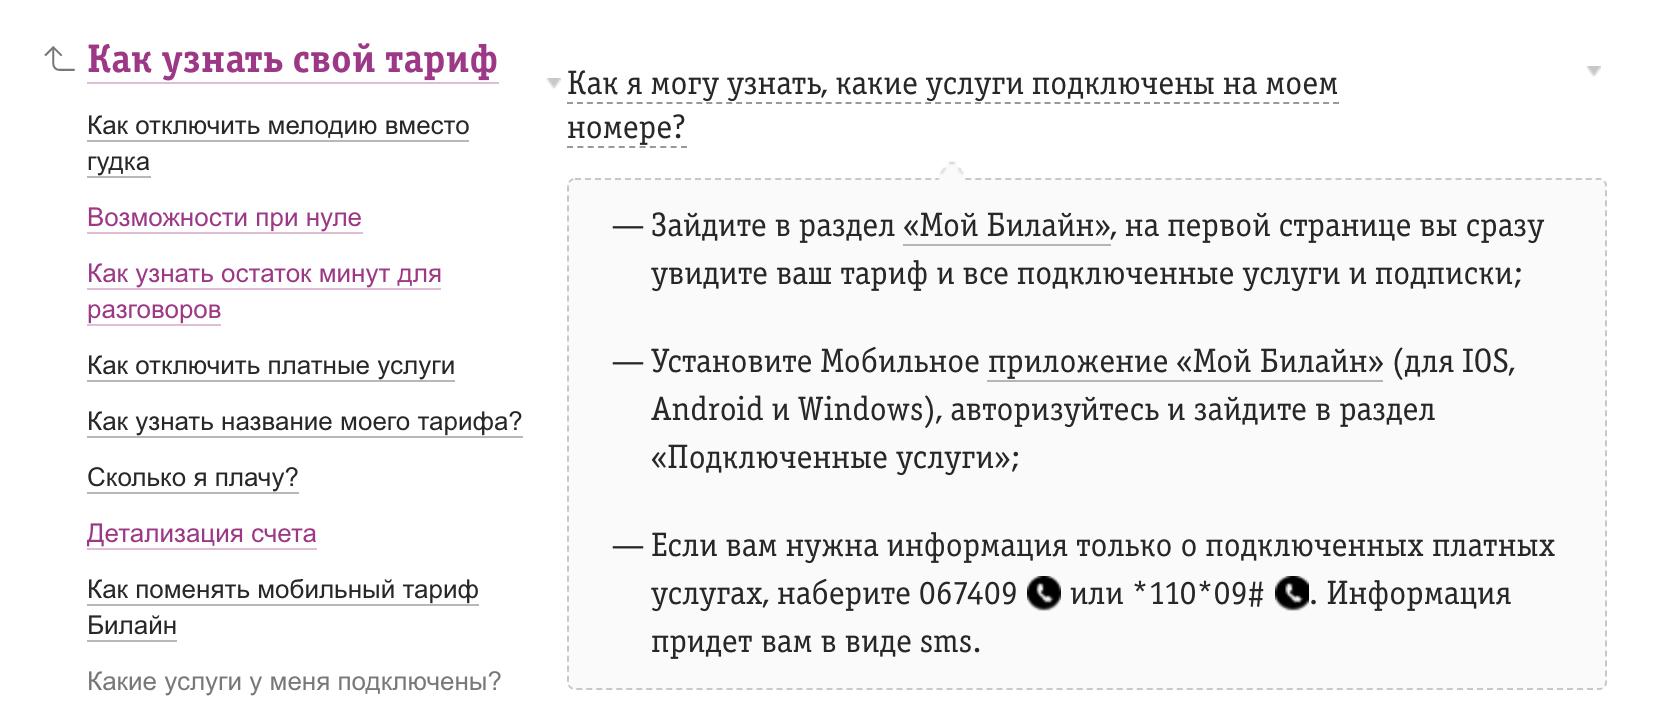 как узнать какие услуги подключены мтс россия процентная ставка в тинькофф банке потребительский кредит